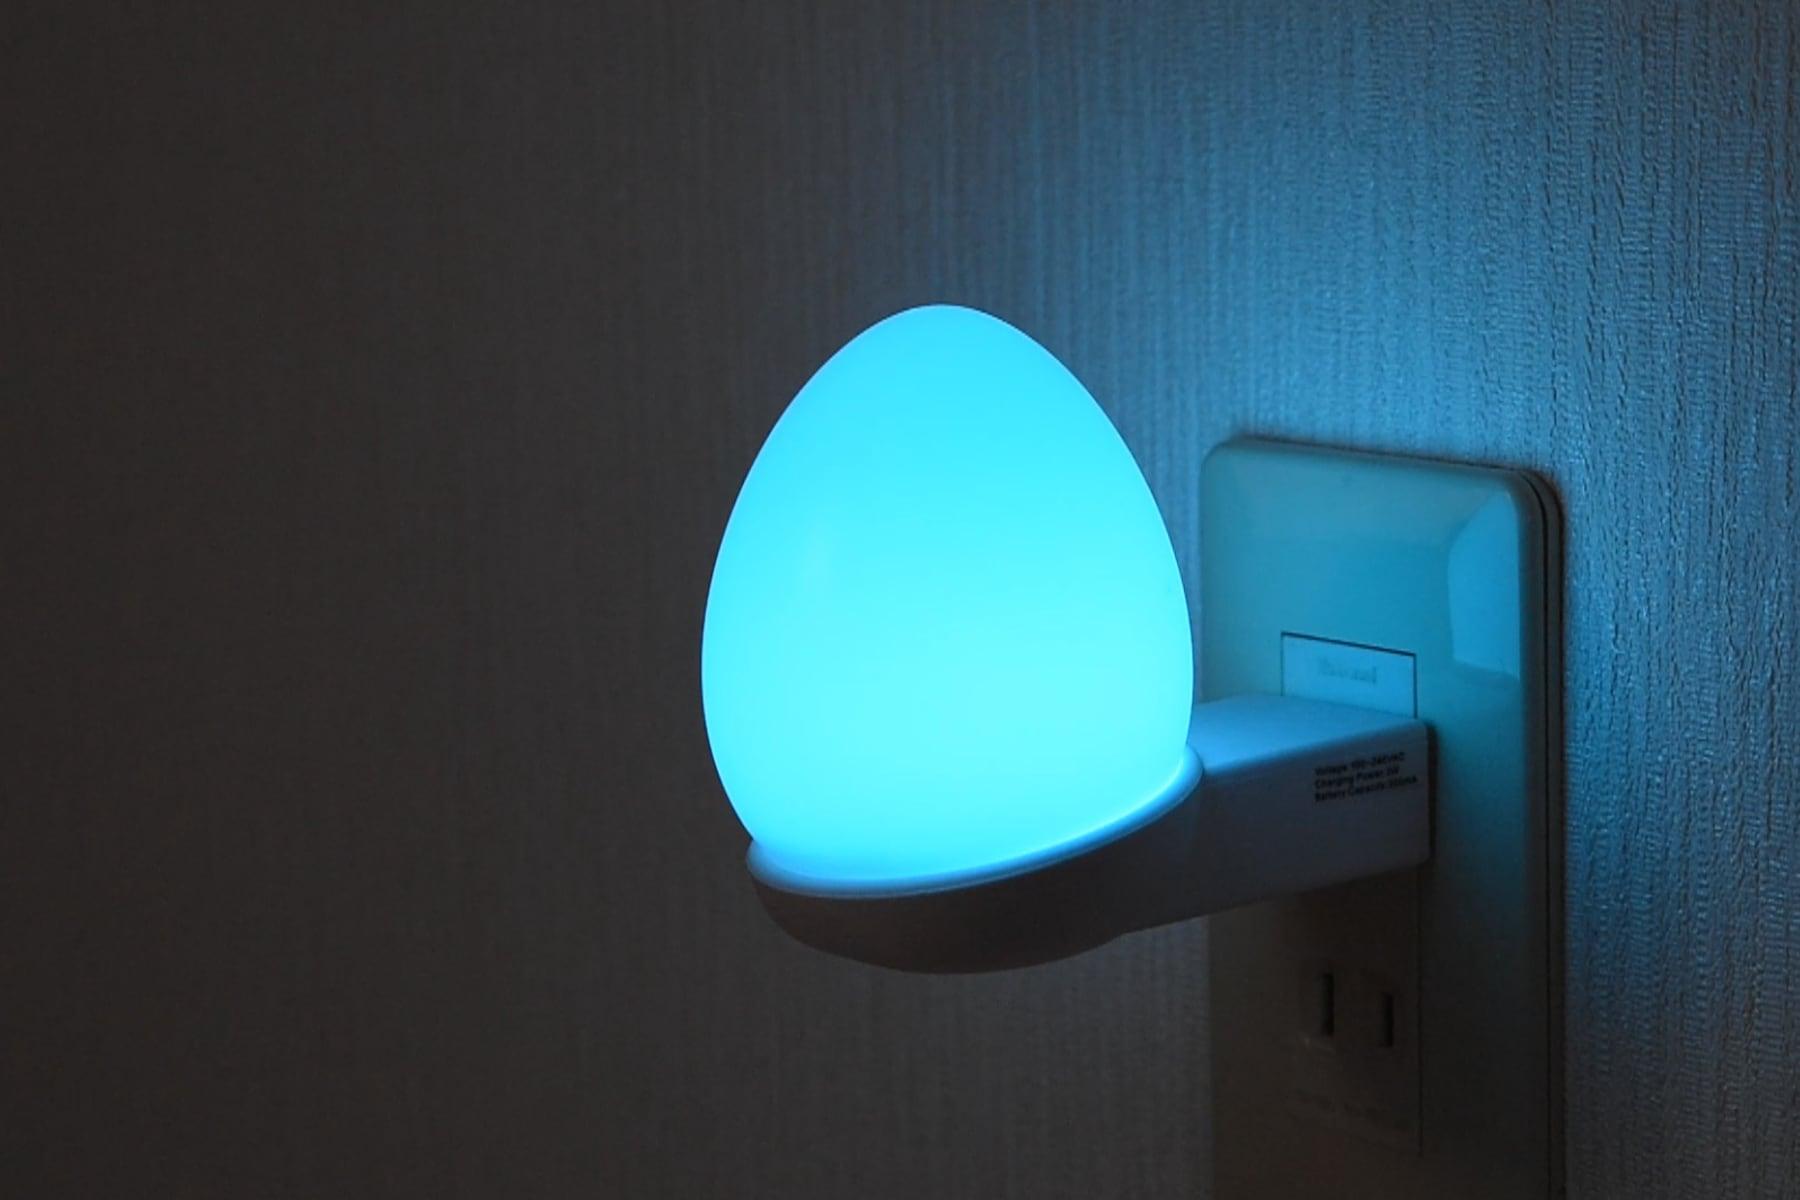 Eggie 2.1 たまご型LED照明(レインボー色タイプ)